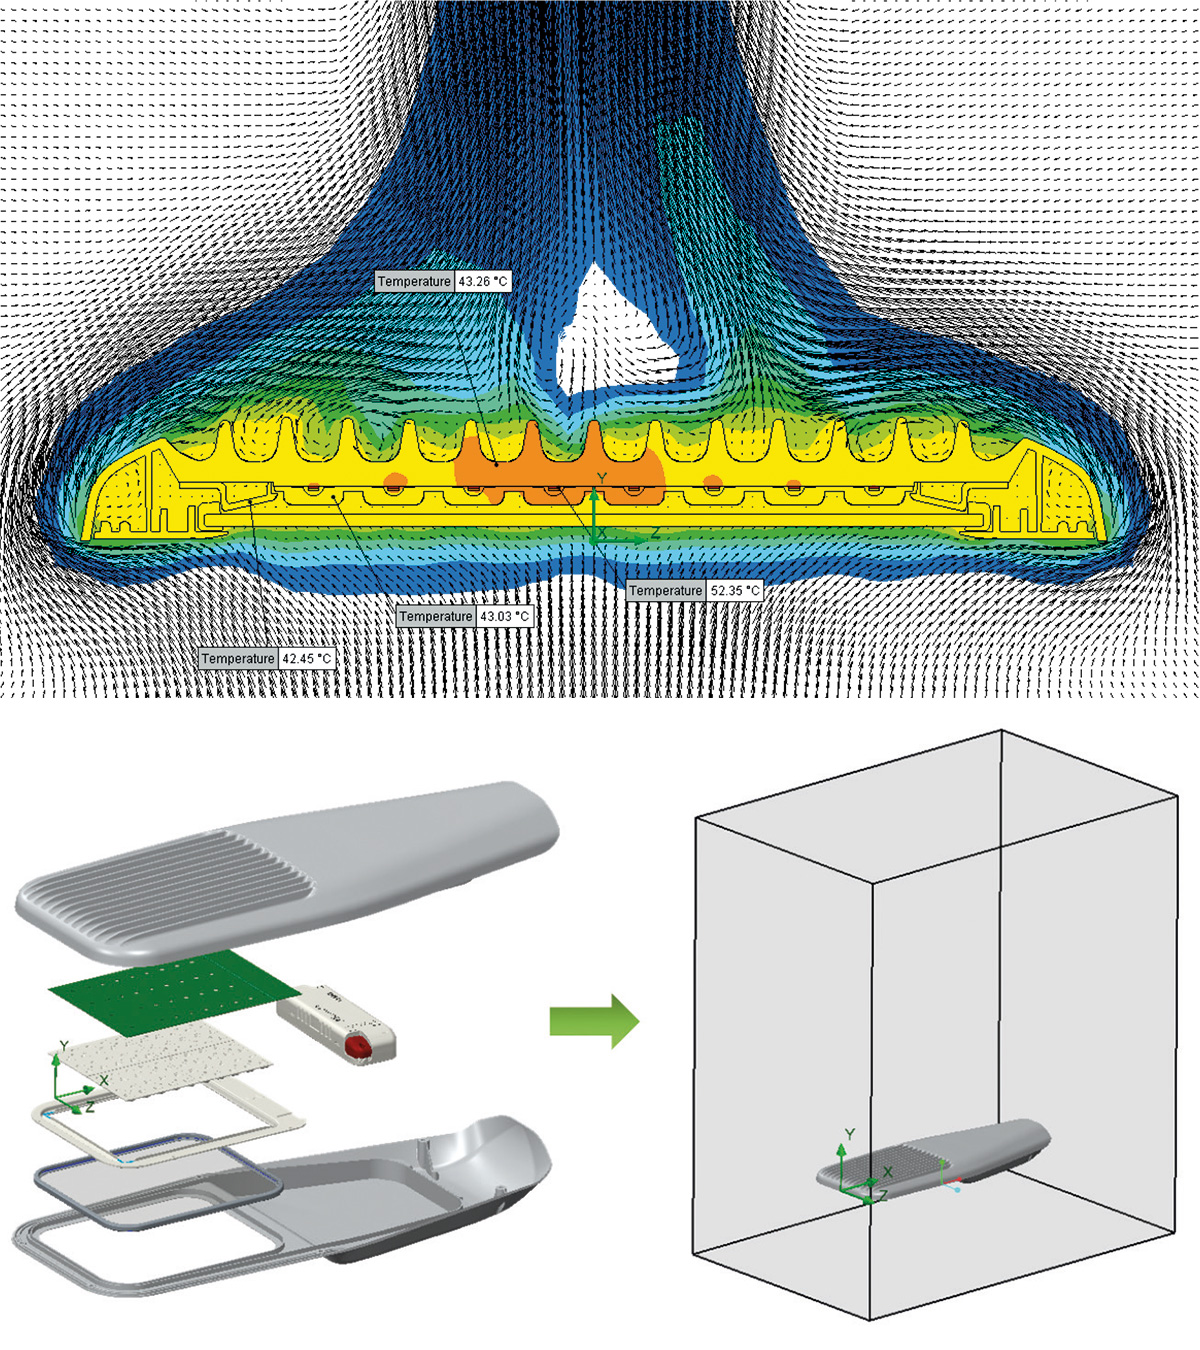 Simulazione della temperatura di un apparecchio a LED per l'illuminazione stradale